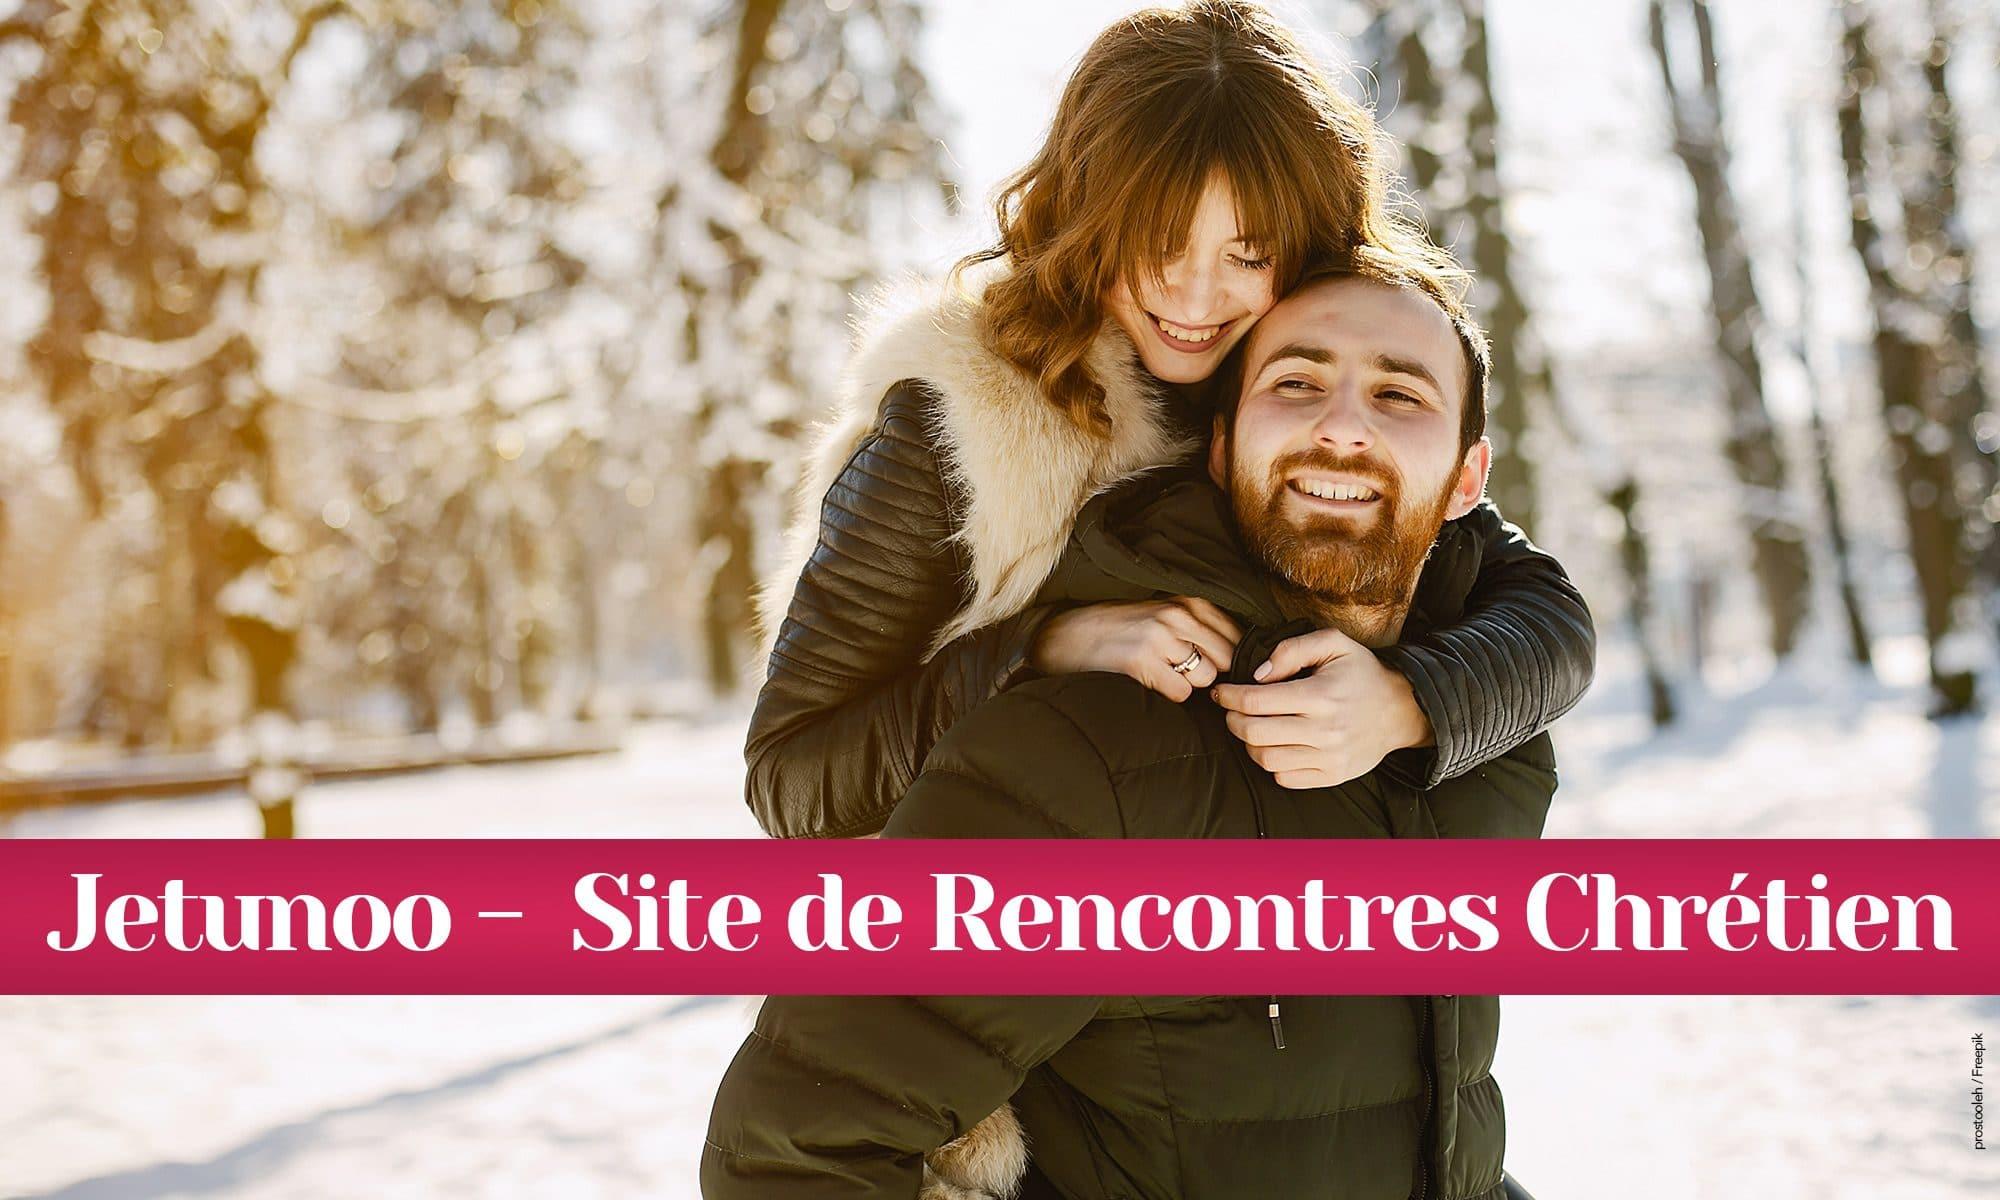 Site de rencontre, tous les conseils pour trouver un homme sur Internet - france-stage.fr